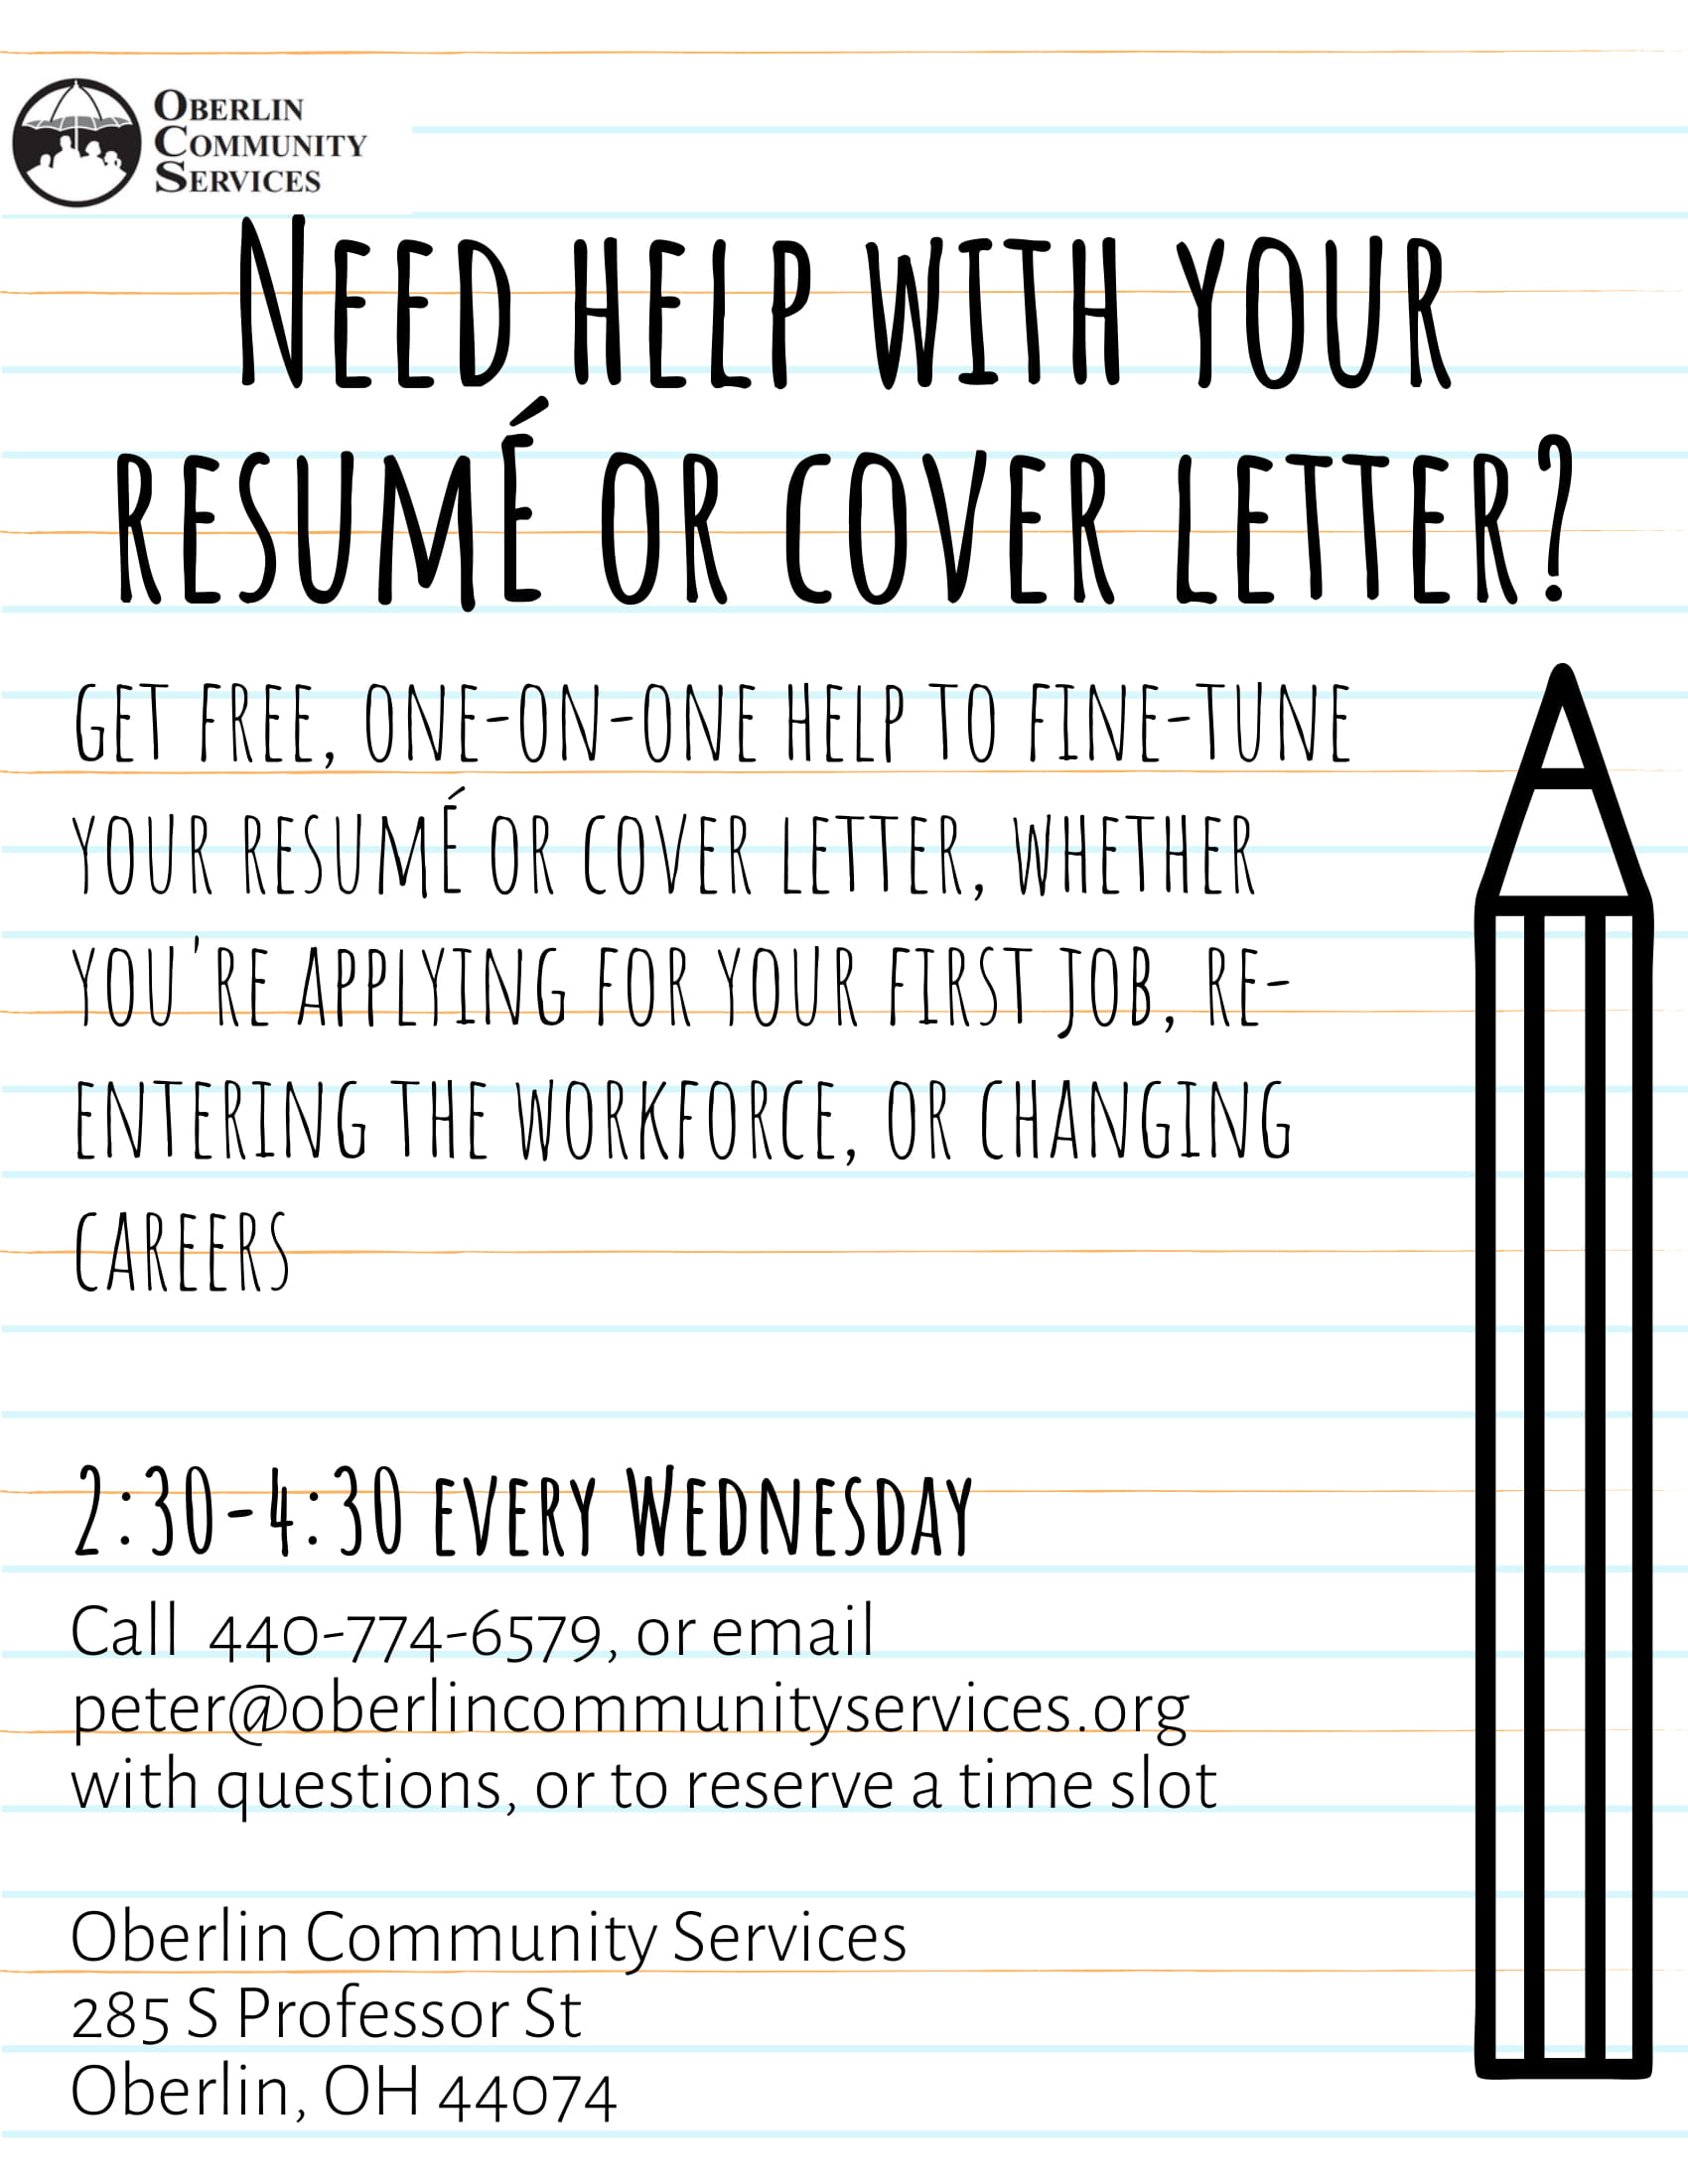 Resume Office Hours Flyer-1.jpg